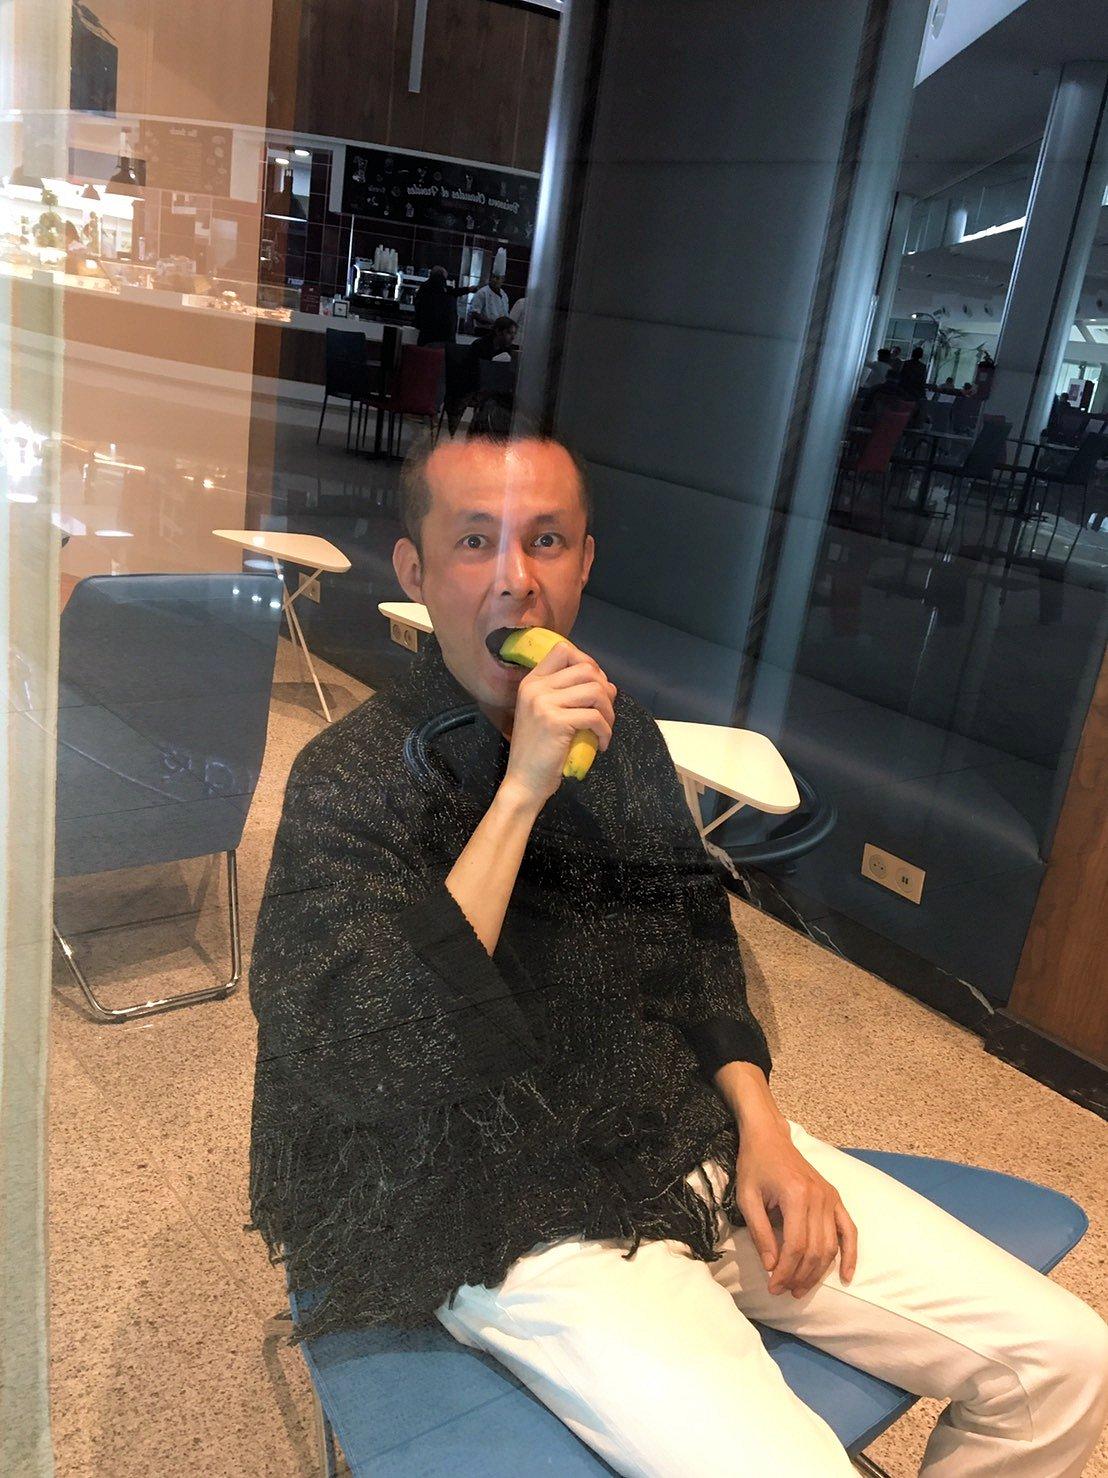 モロッコのカサブランカ空港の国際線ターミナル内のラウンジで楽しむ2